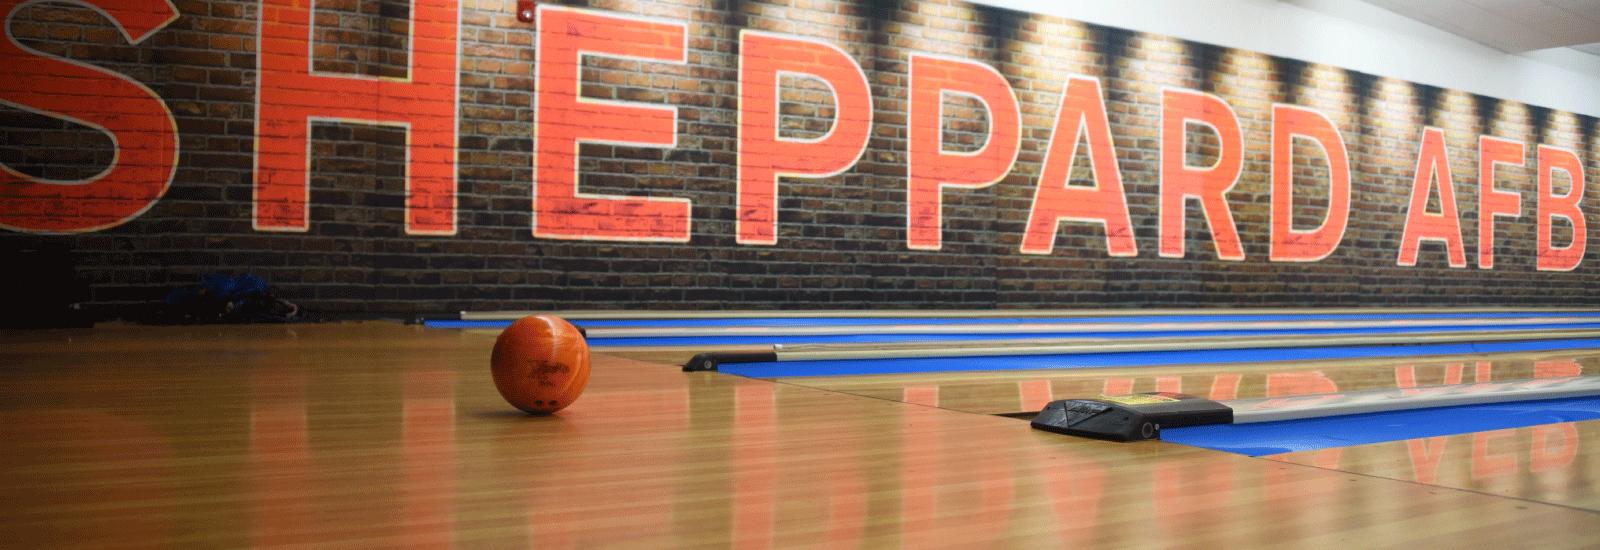 Sheppard AFB Bowling Alley